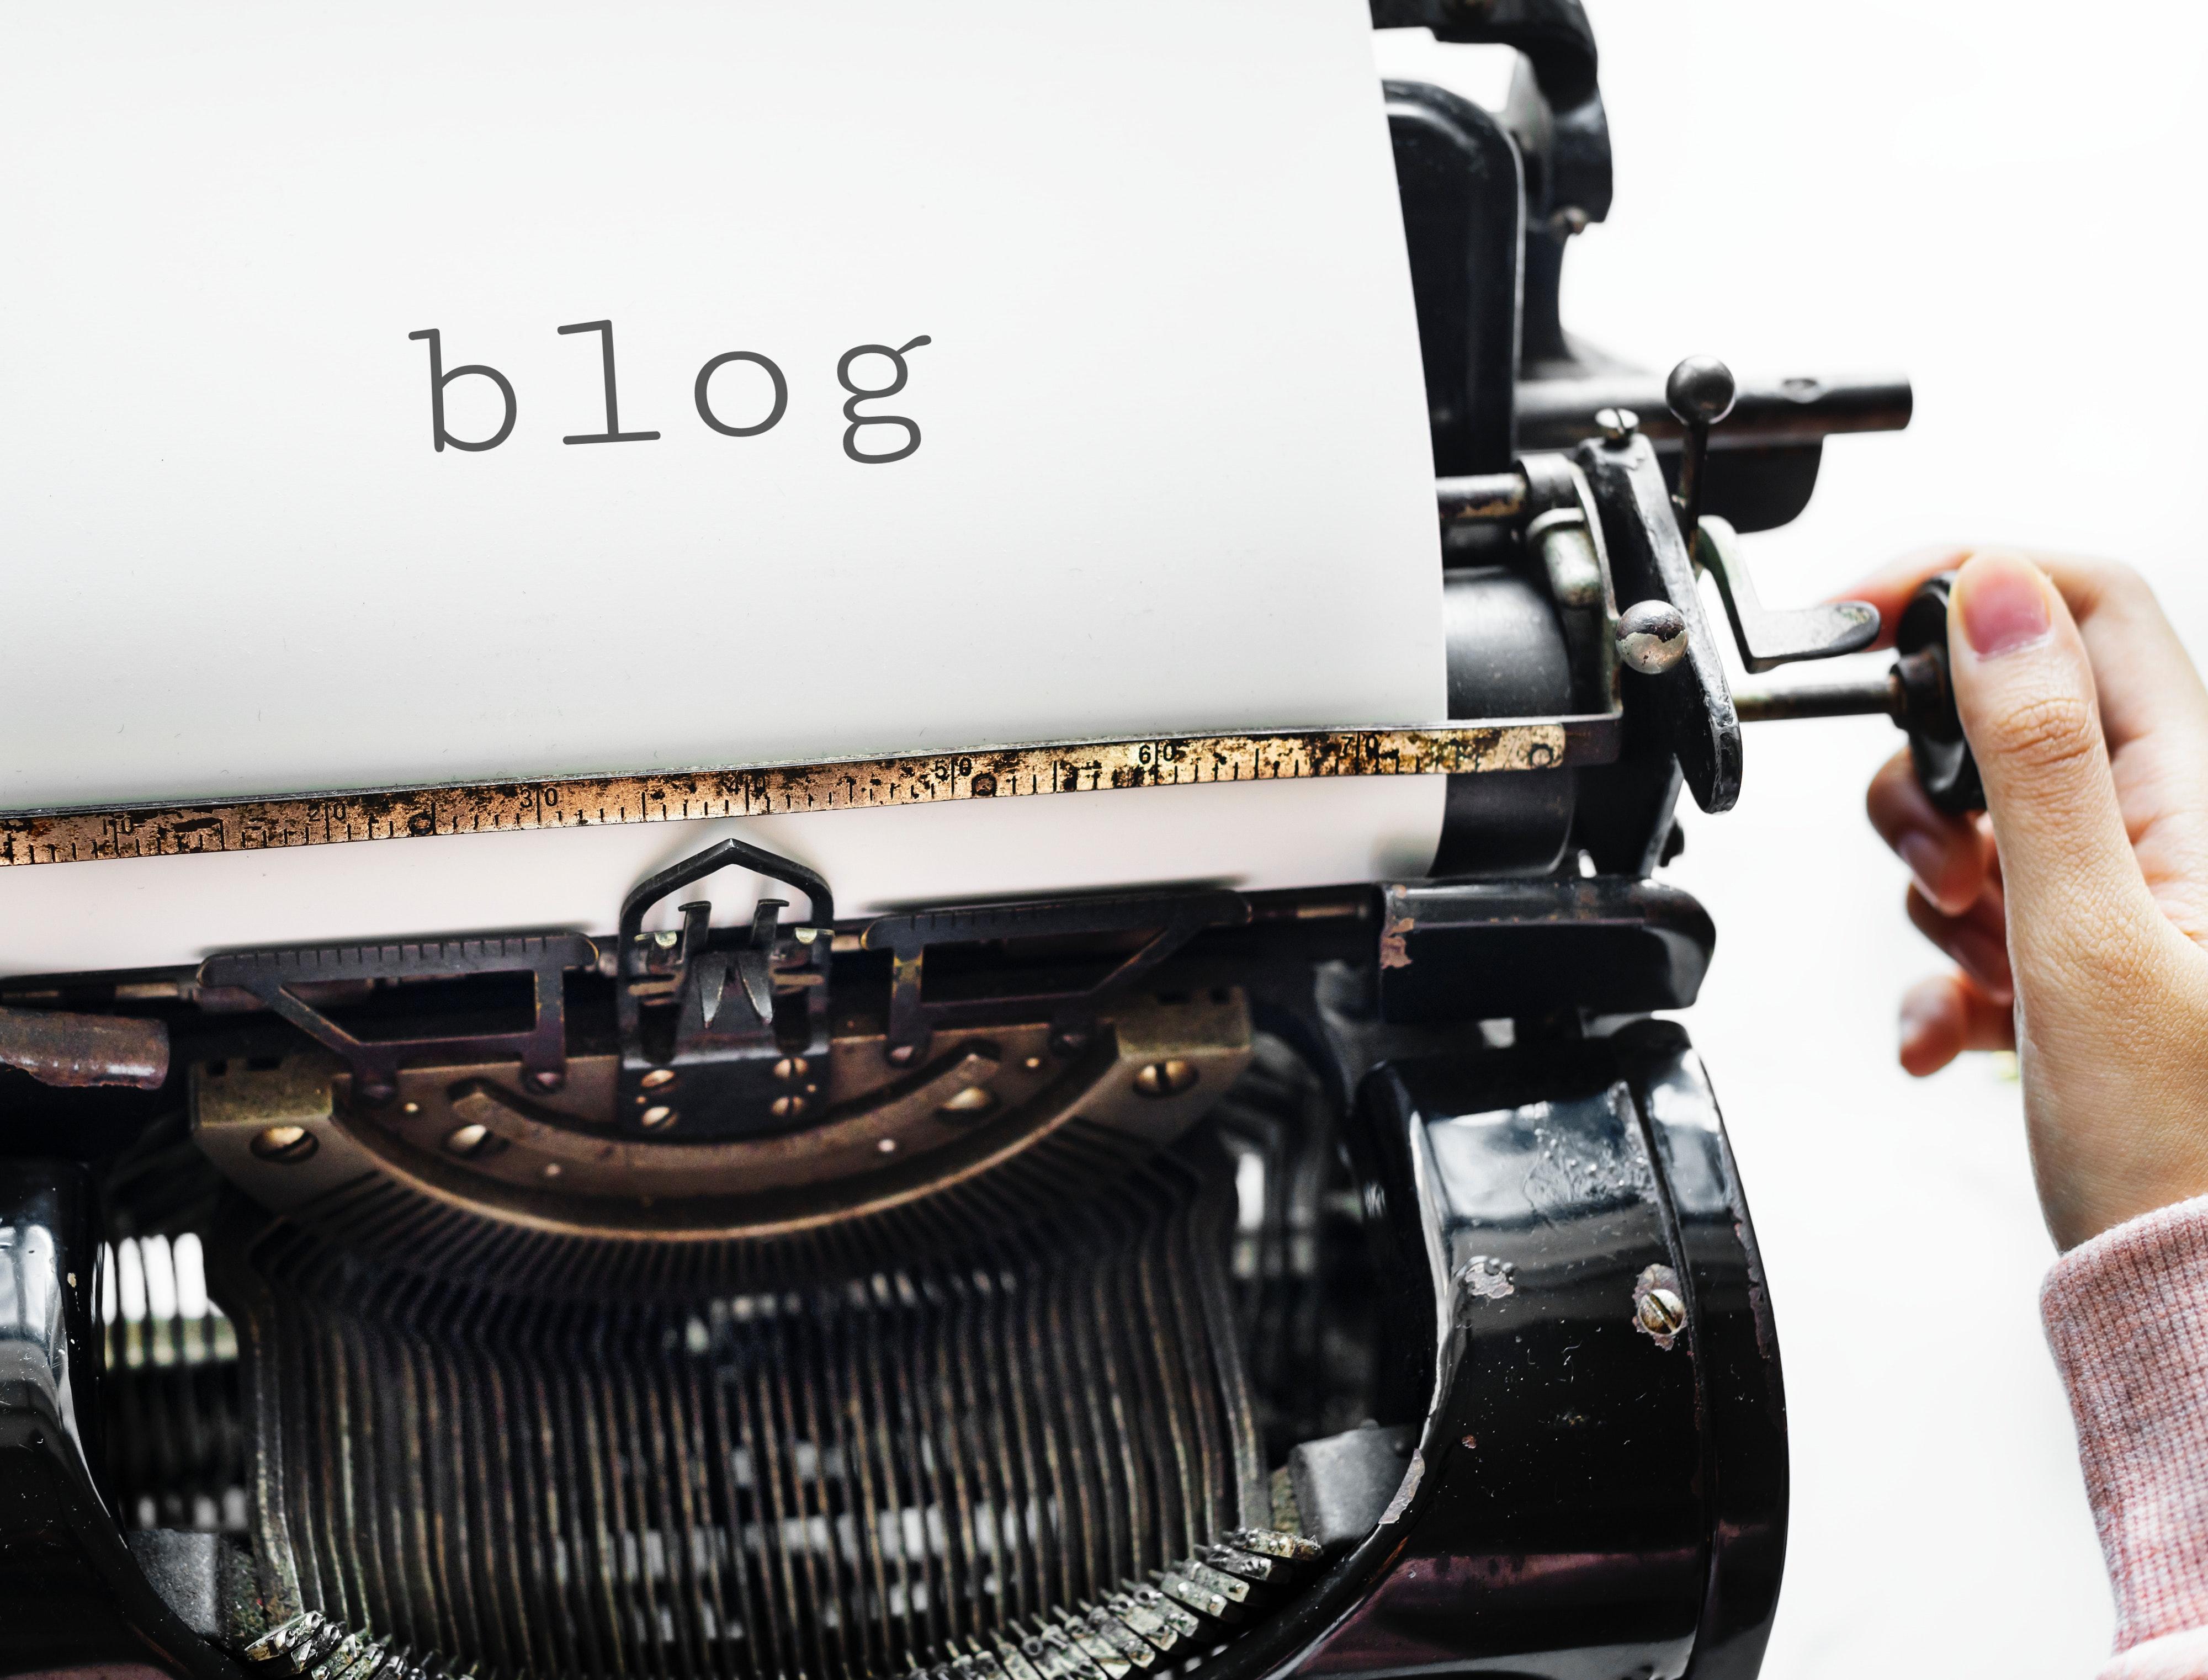 antique-blog-equipment-1262972